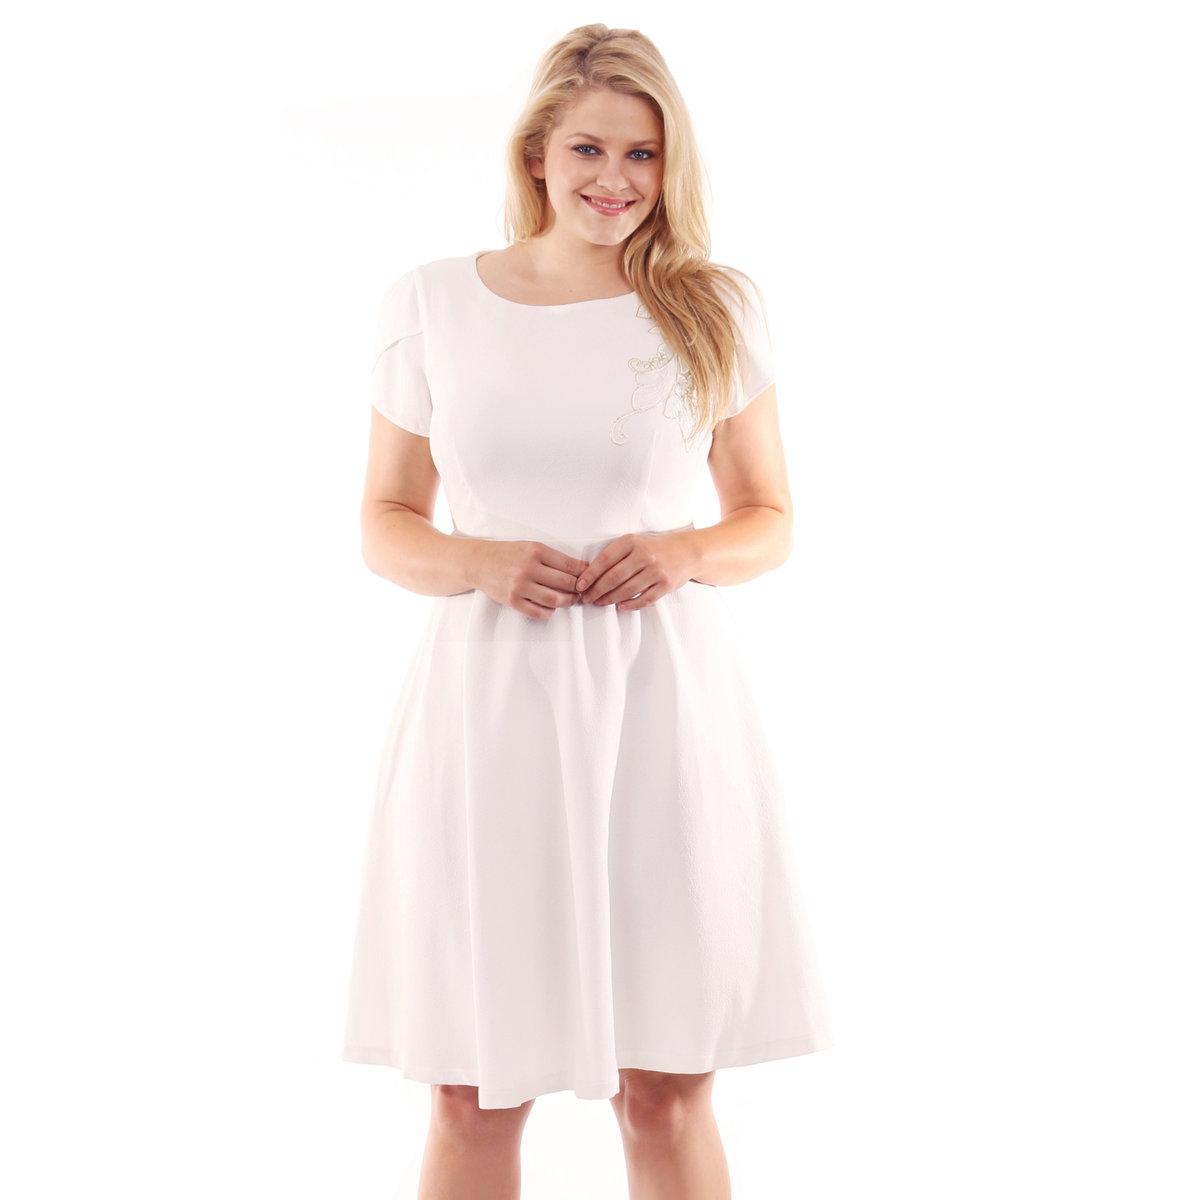 Платье короткоеПлатье короткое KOKO с короткими рукавами. Небольшая вышивка на плече. Застёжка на молнию сзади. 100% полиэстера<br><br>Цвет: слоновая кость